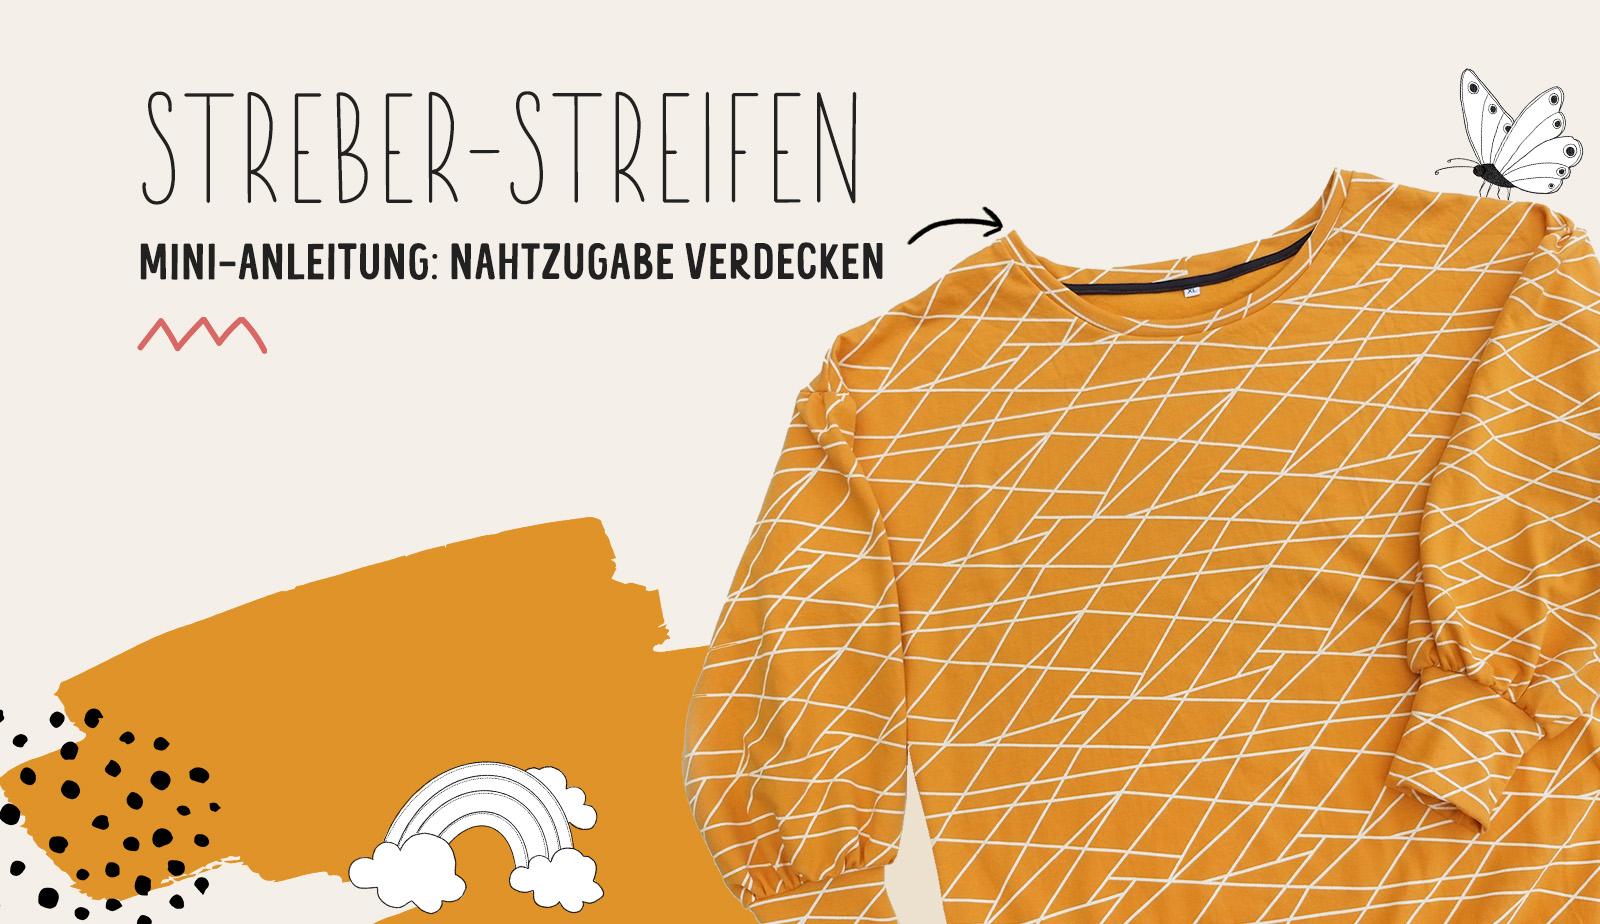 """Anleitung: Nahtzugabe verdecken mit dem """"Streber-Streifen"""""""